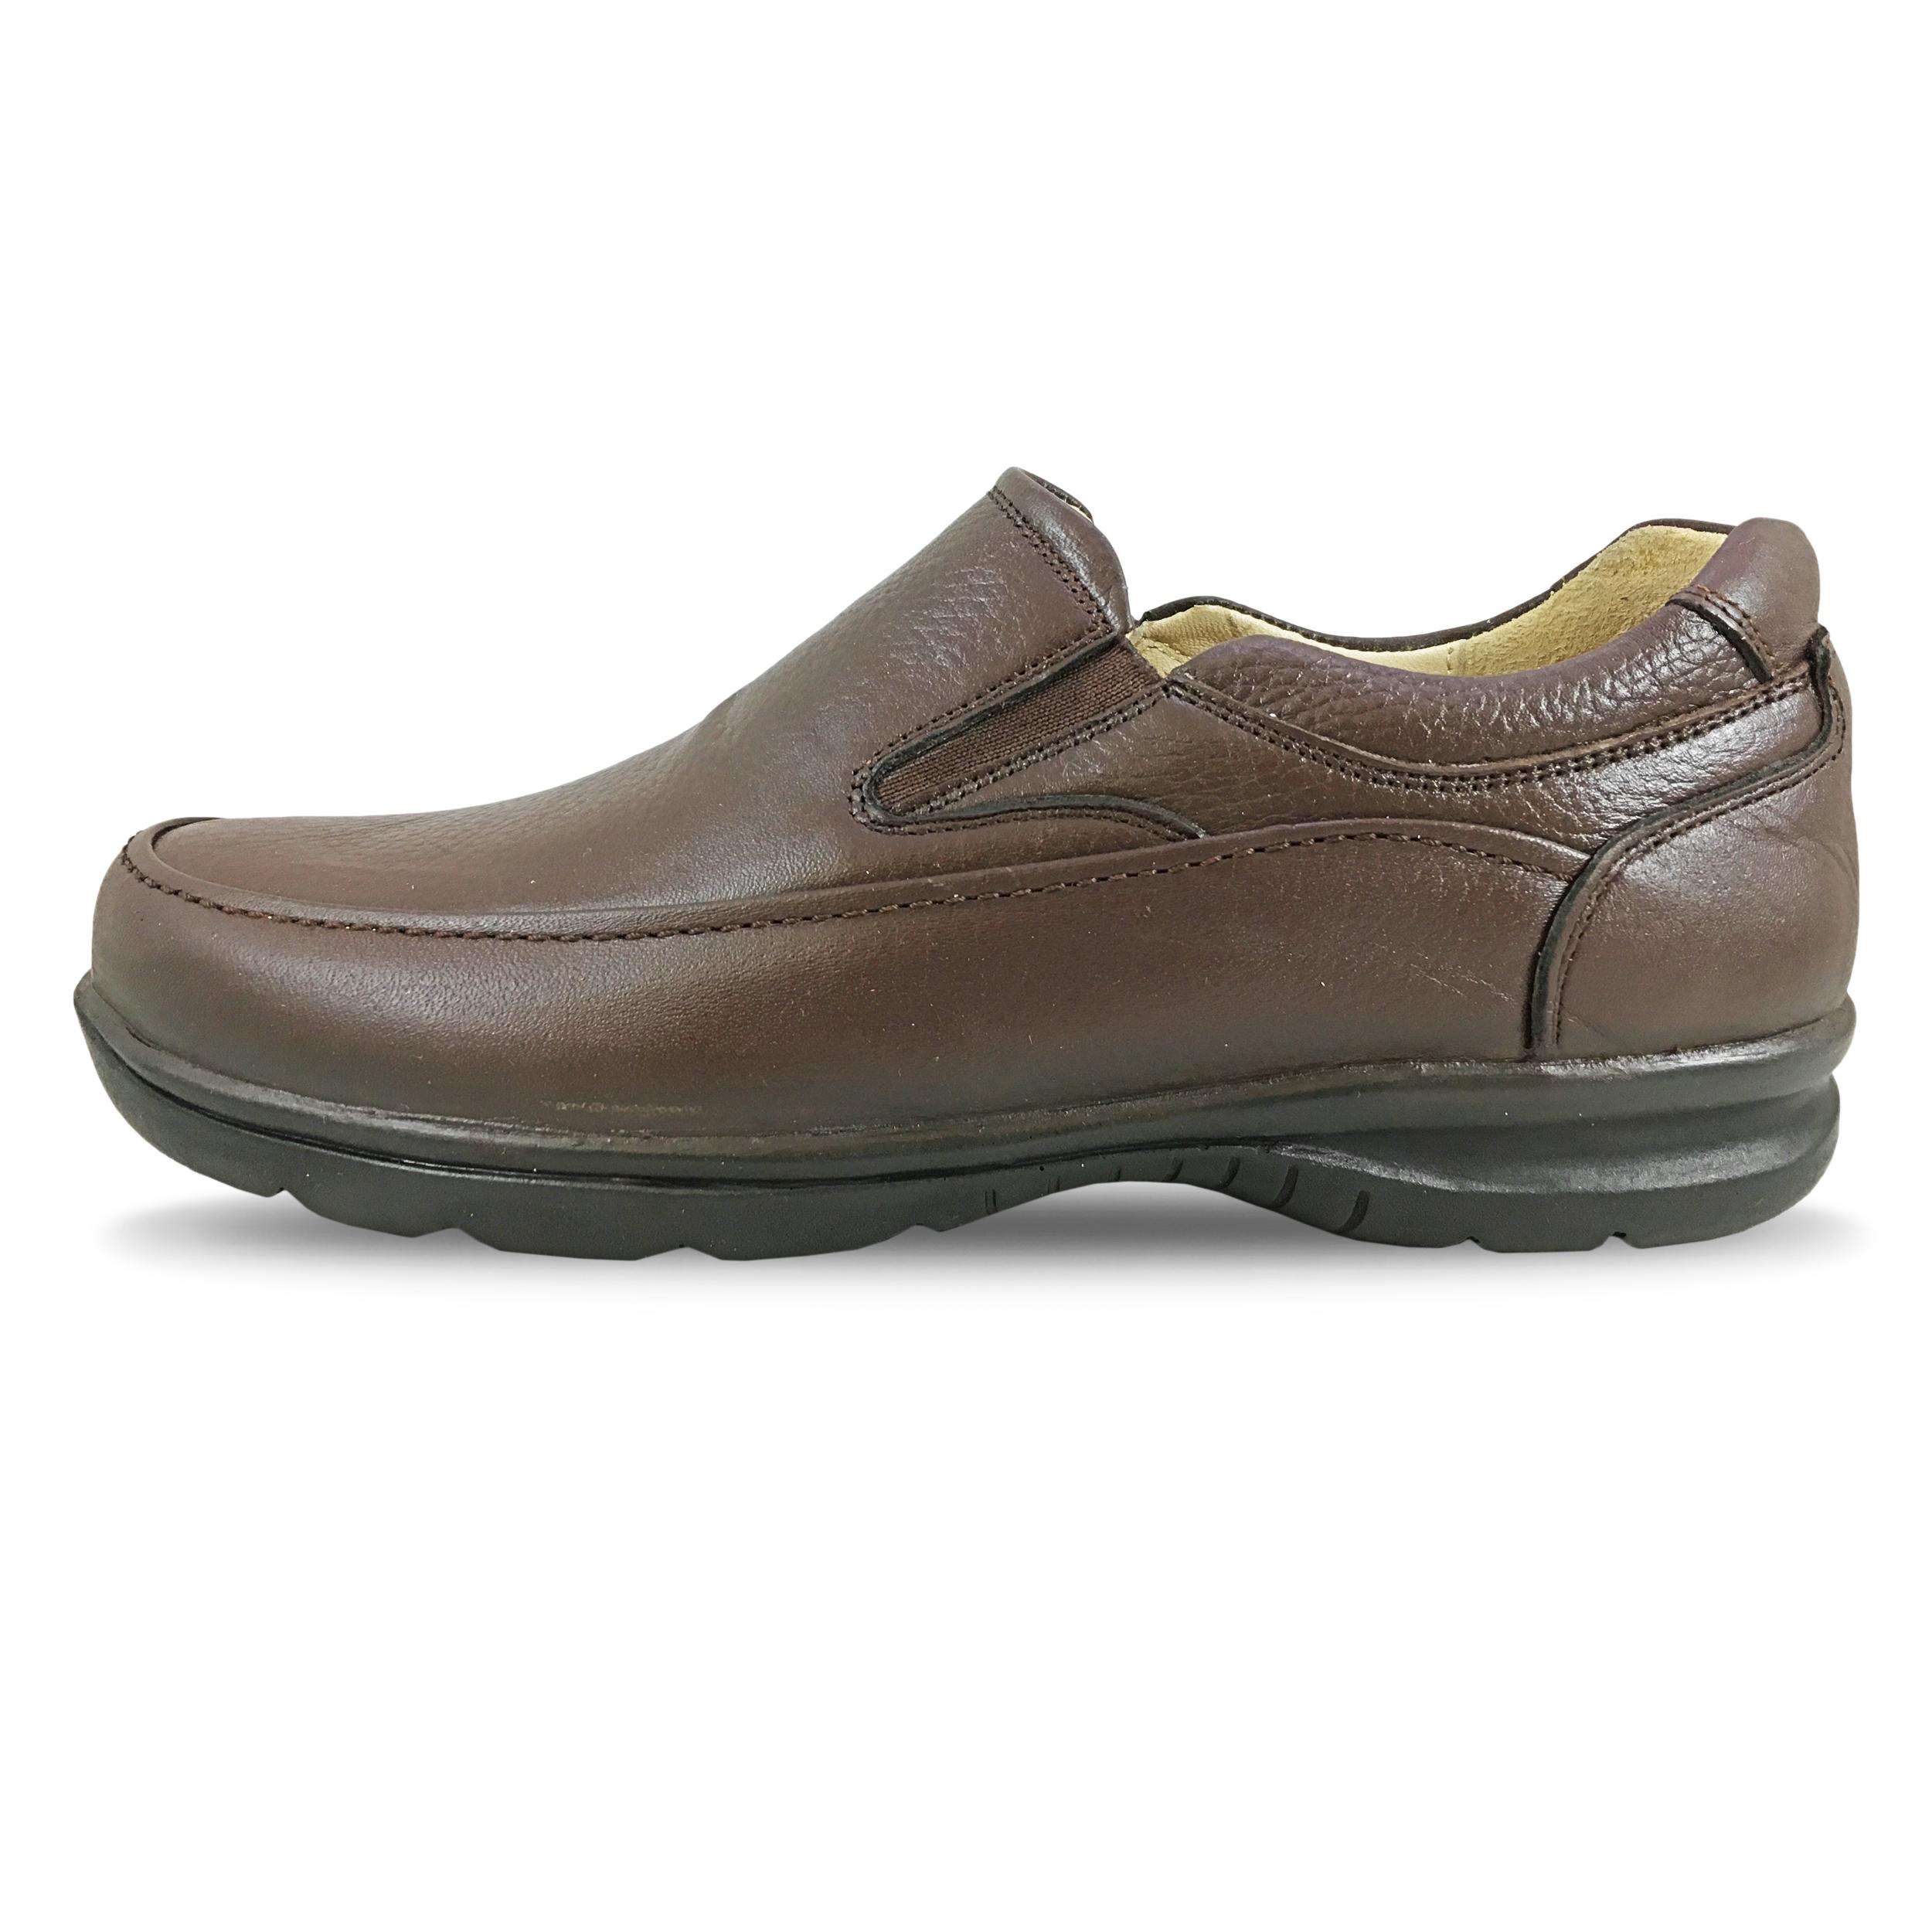 کفش مردانه مدل گریدر کد B5177